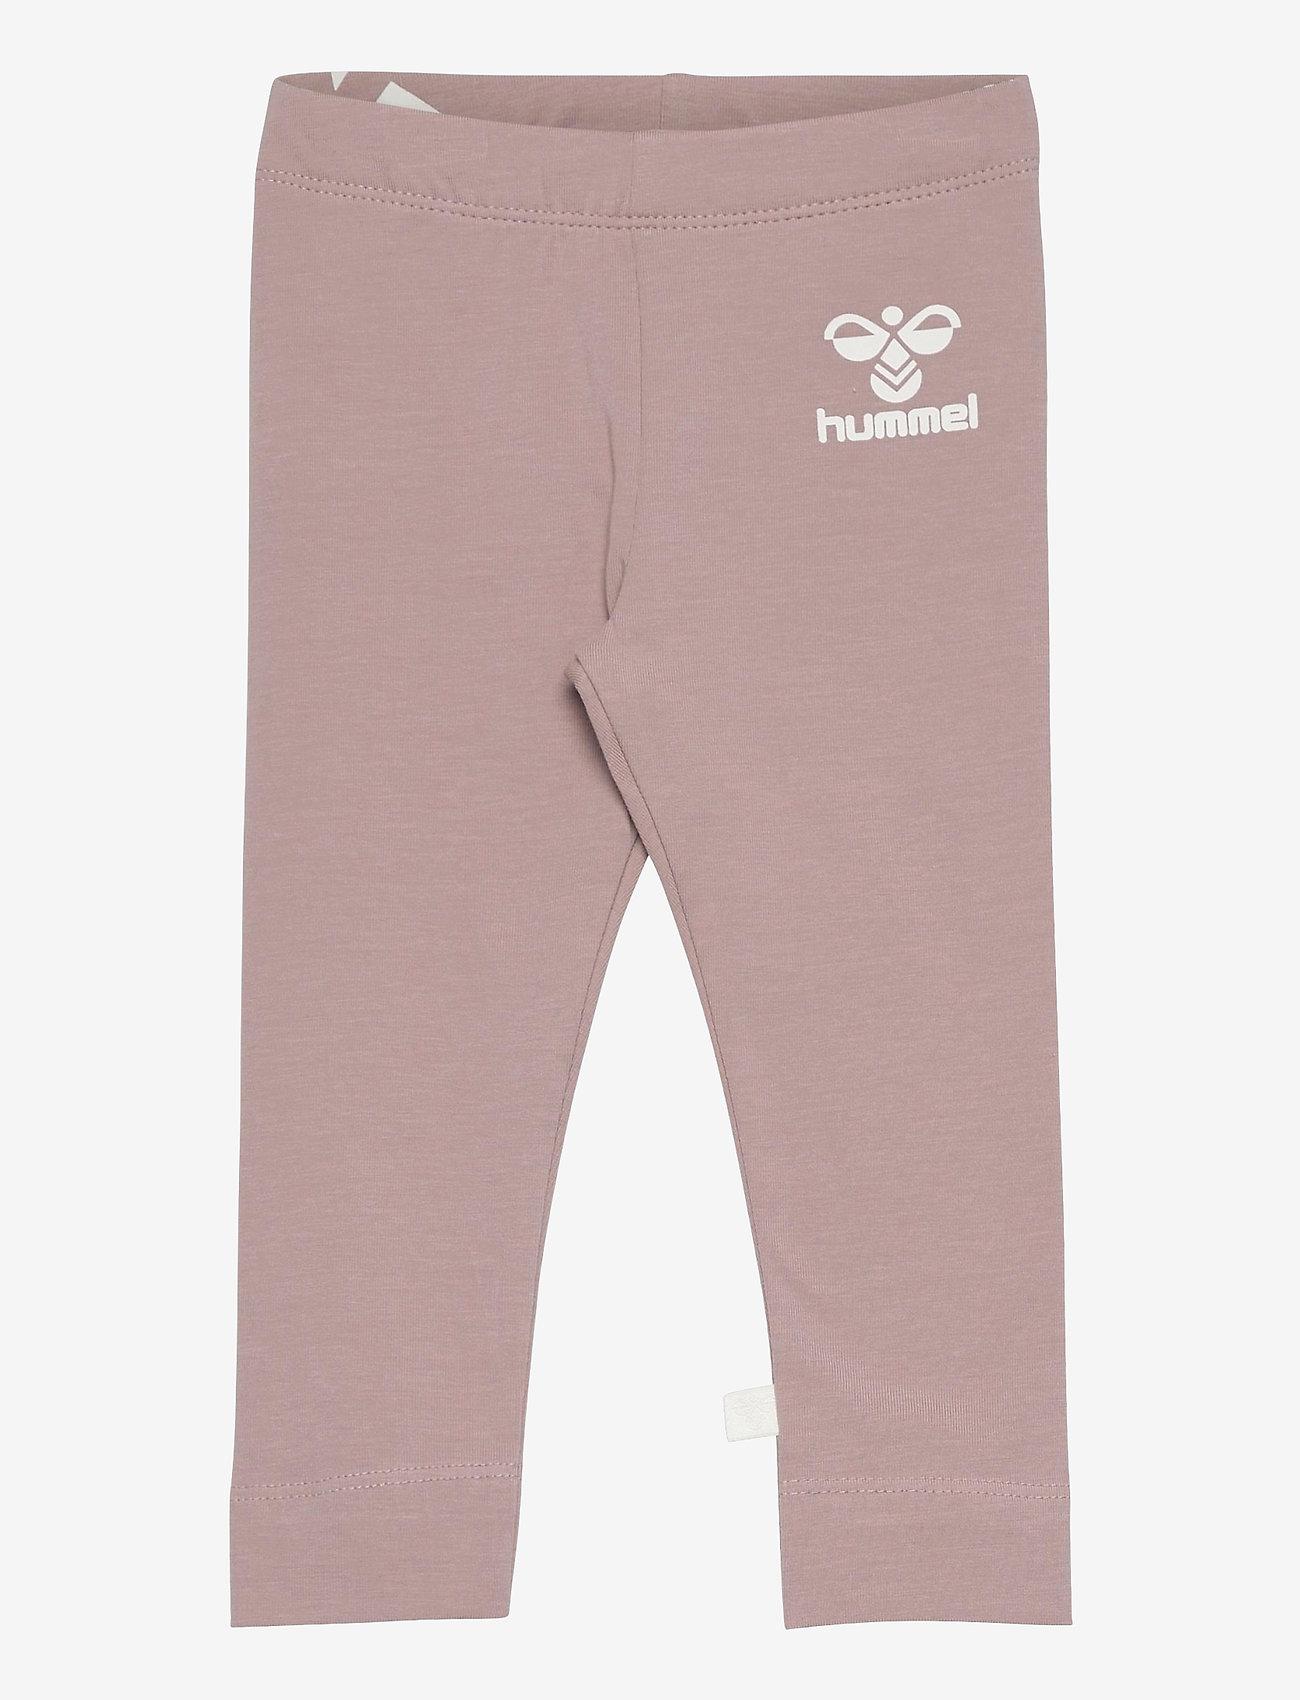 Hummel - hmlMAUI TIGHTS - leggings - woodrose - 0